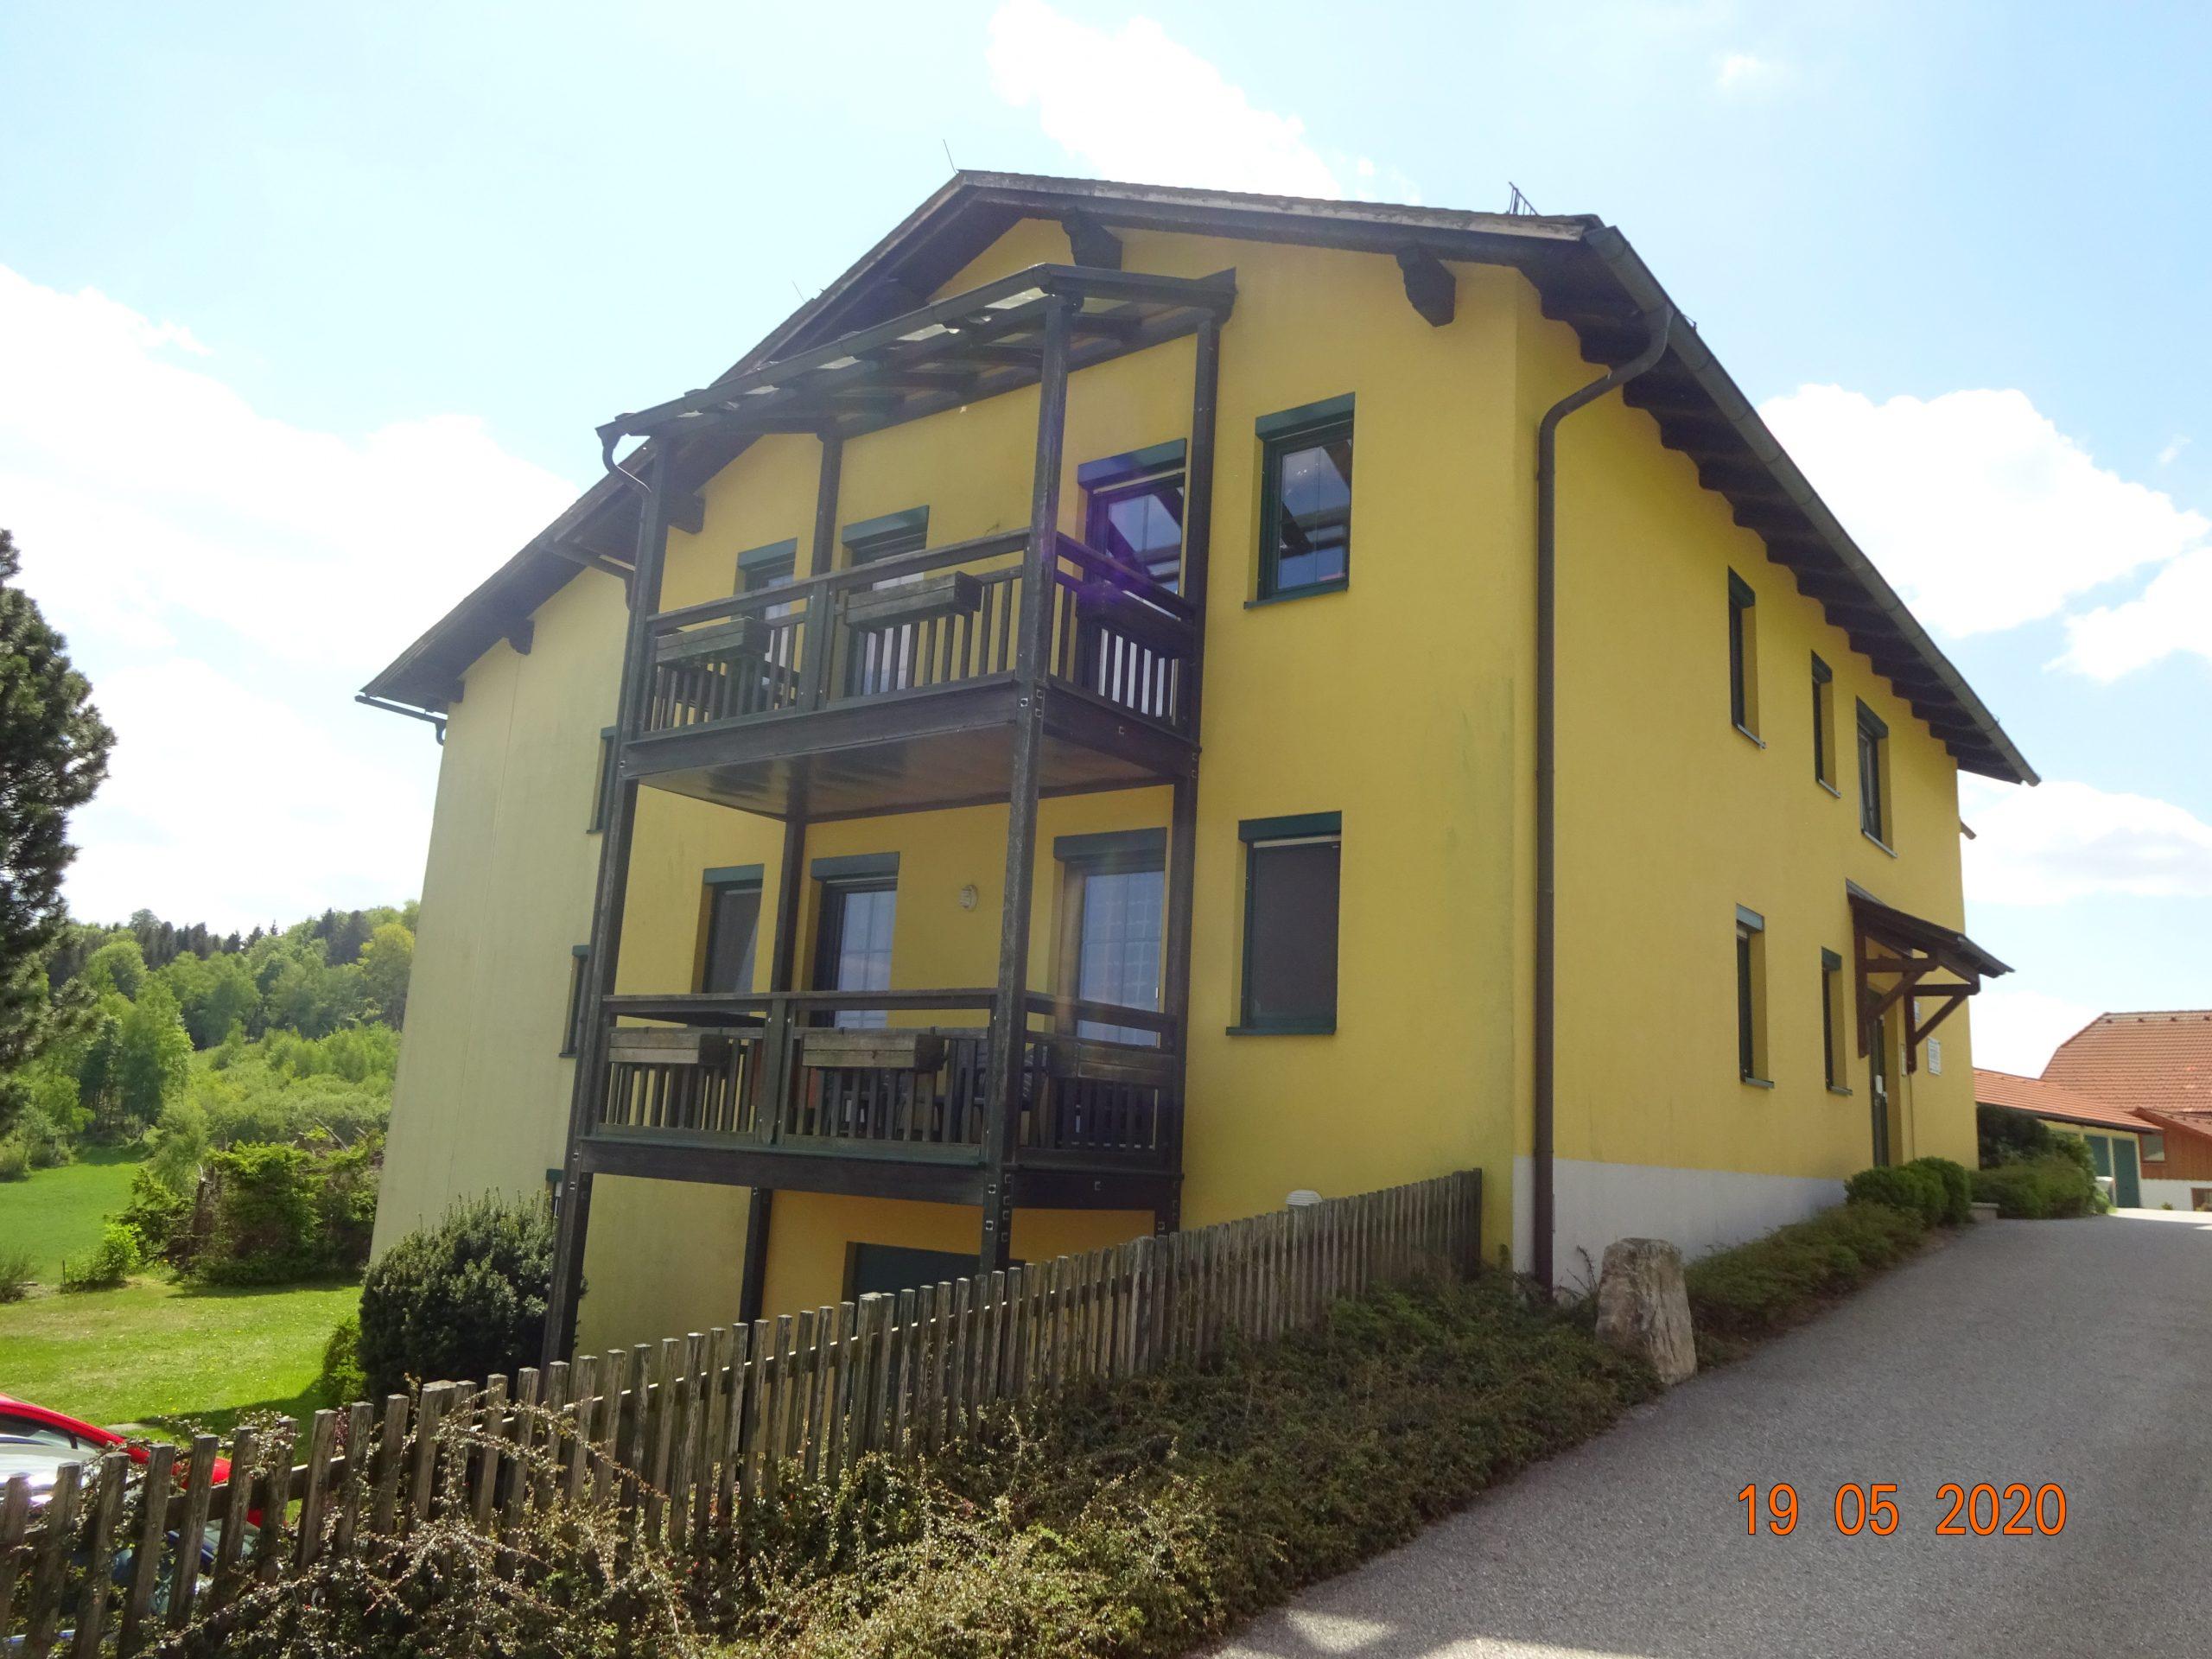 Immobilie von Kamptal in 3925 Arbesbach, Zwettl, Arbesbach I - Top 101 #2